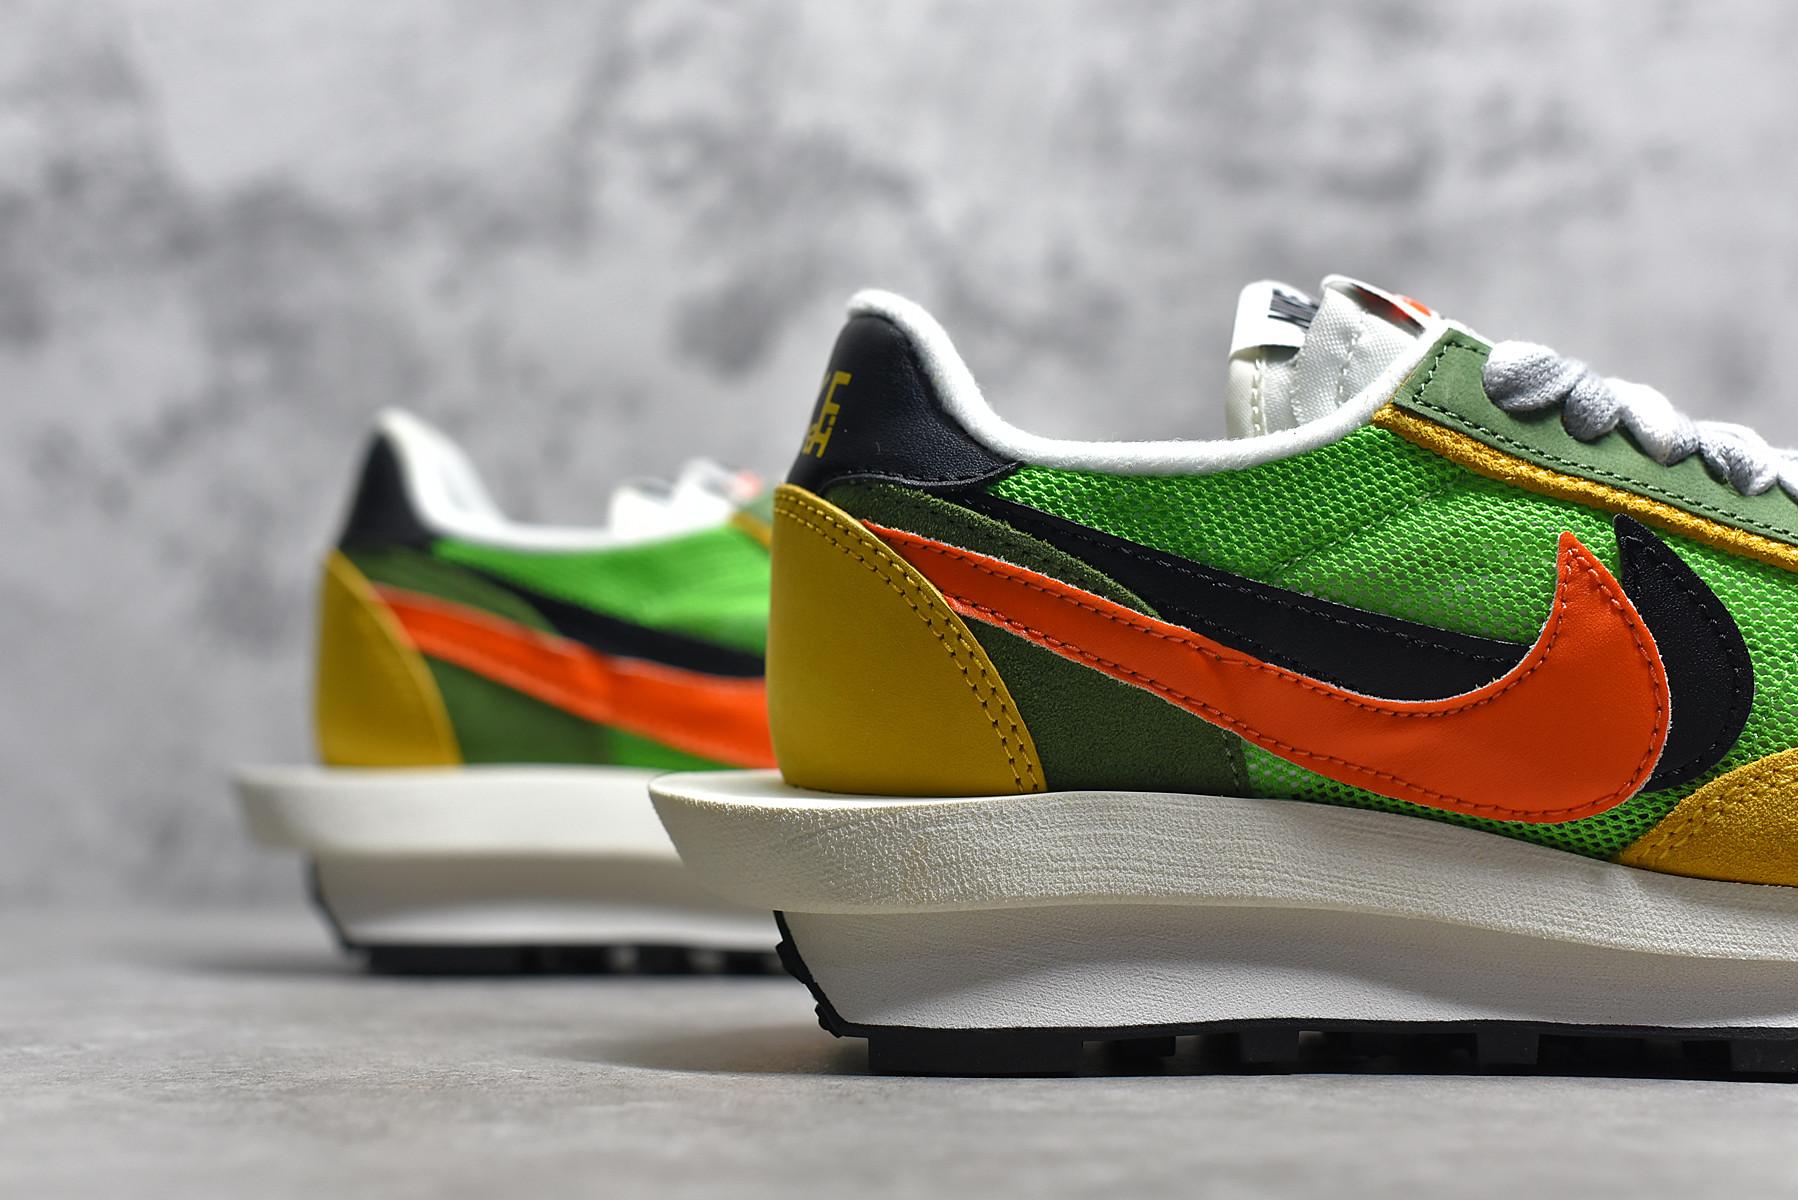 Authentic Sacai x Nike LDV Waffle Shoes-002